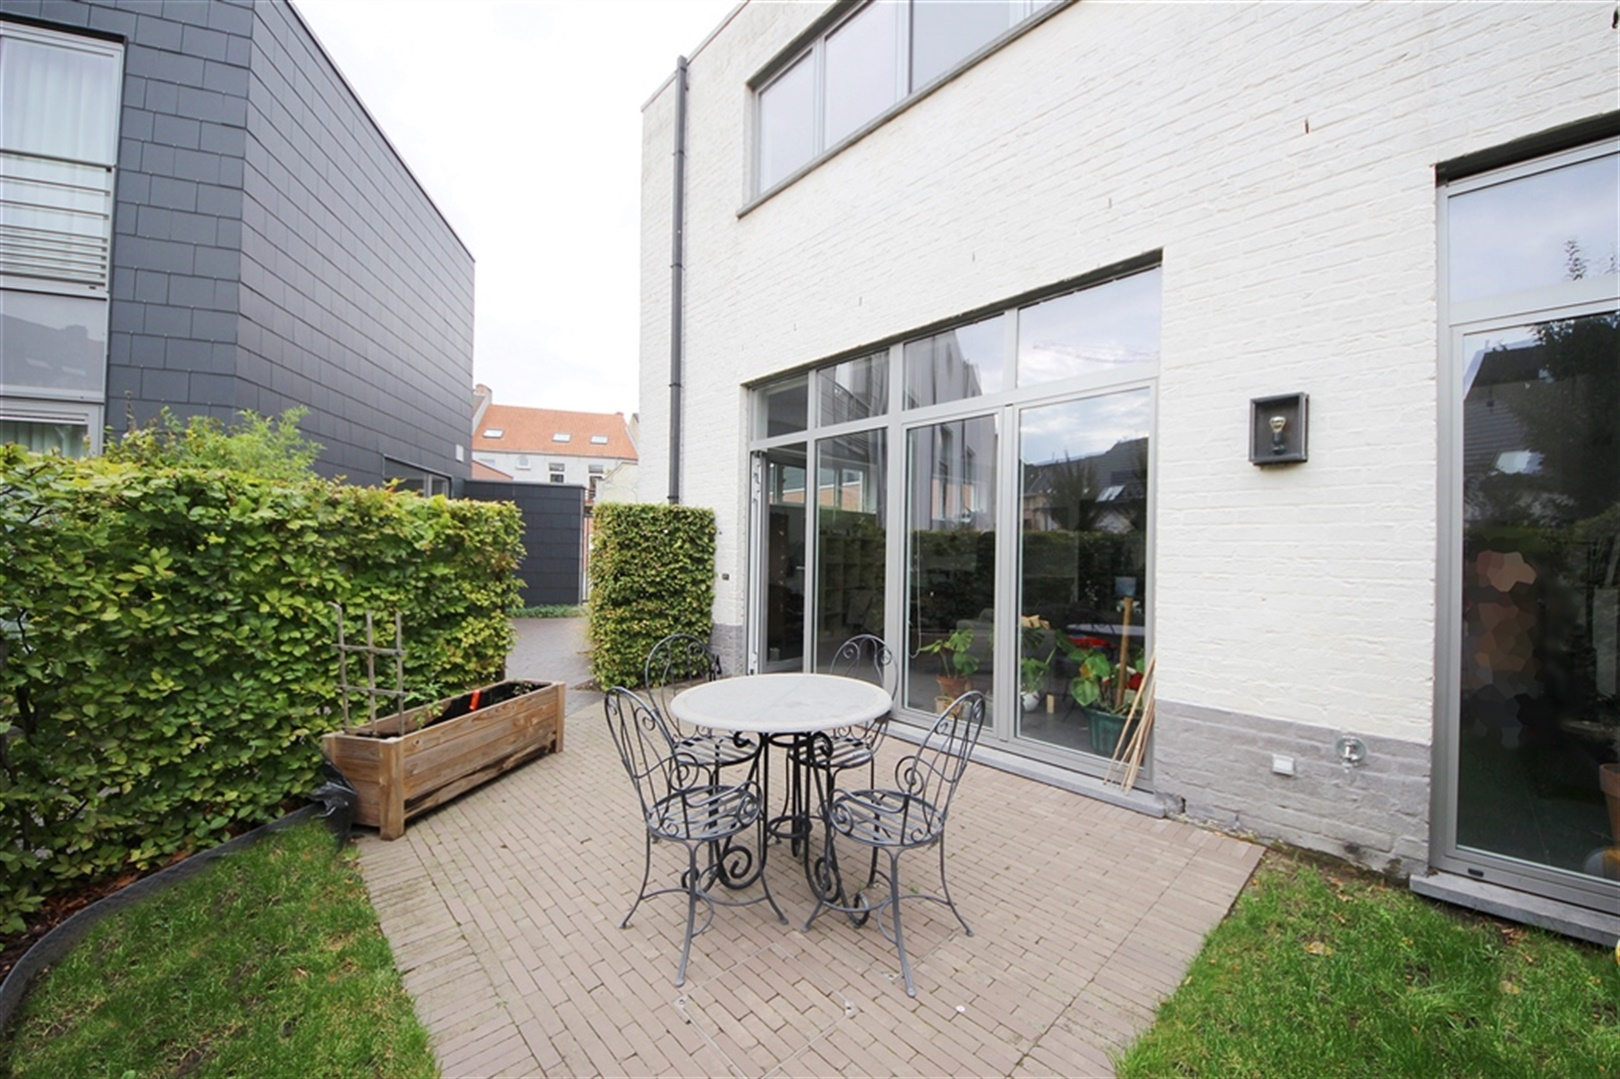 Exclusieve loft met gemeenschappelijke binnentuin in hartje Gent!